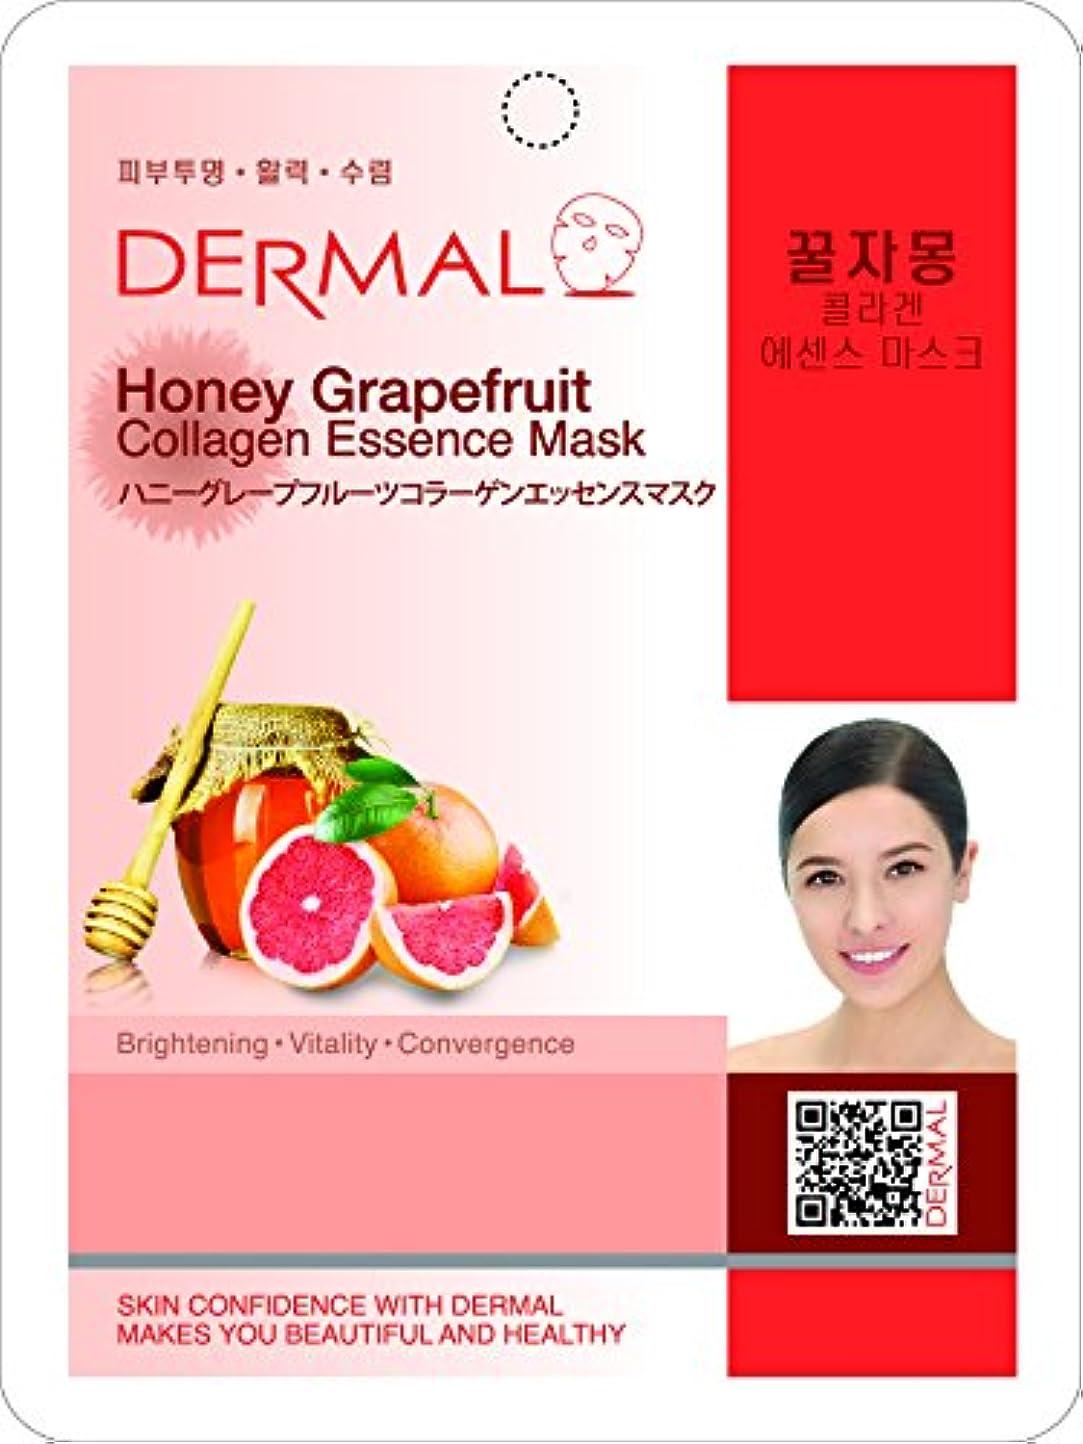 かける知る間違いハニーグレープフルーツシートマスク(フェイスパック) 10枚セット ダーマル(Dermal)